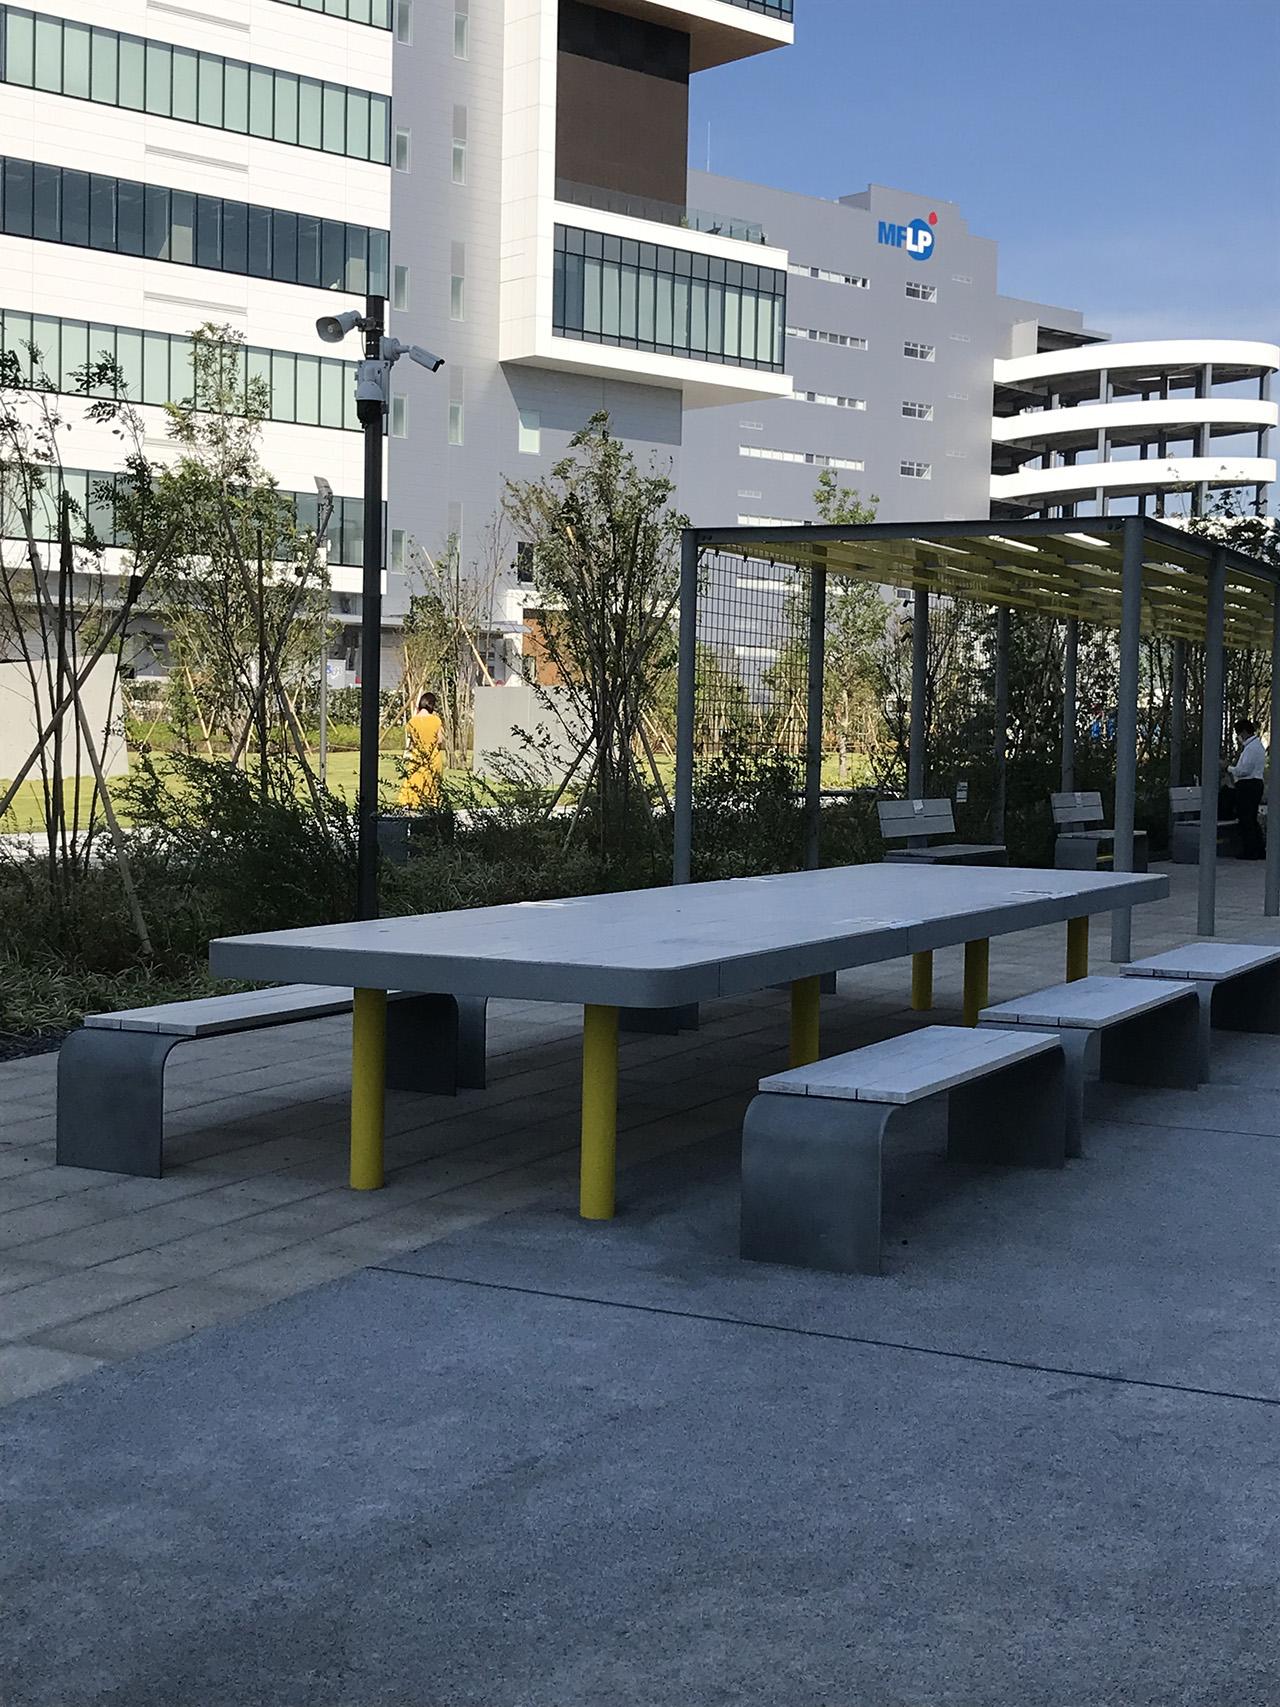 テーブルやベンチがある休憩スペースの写真